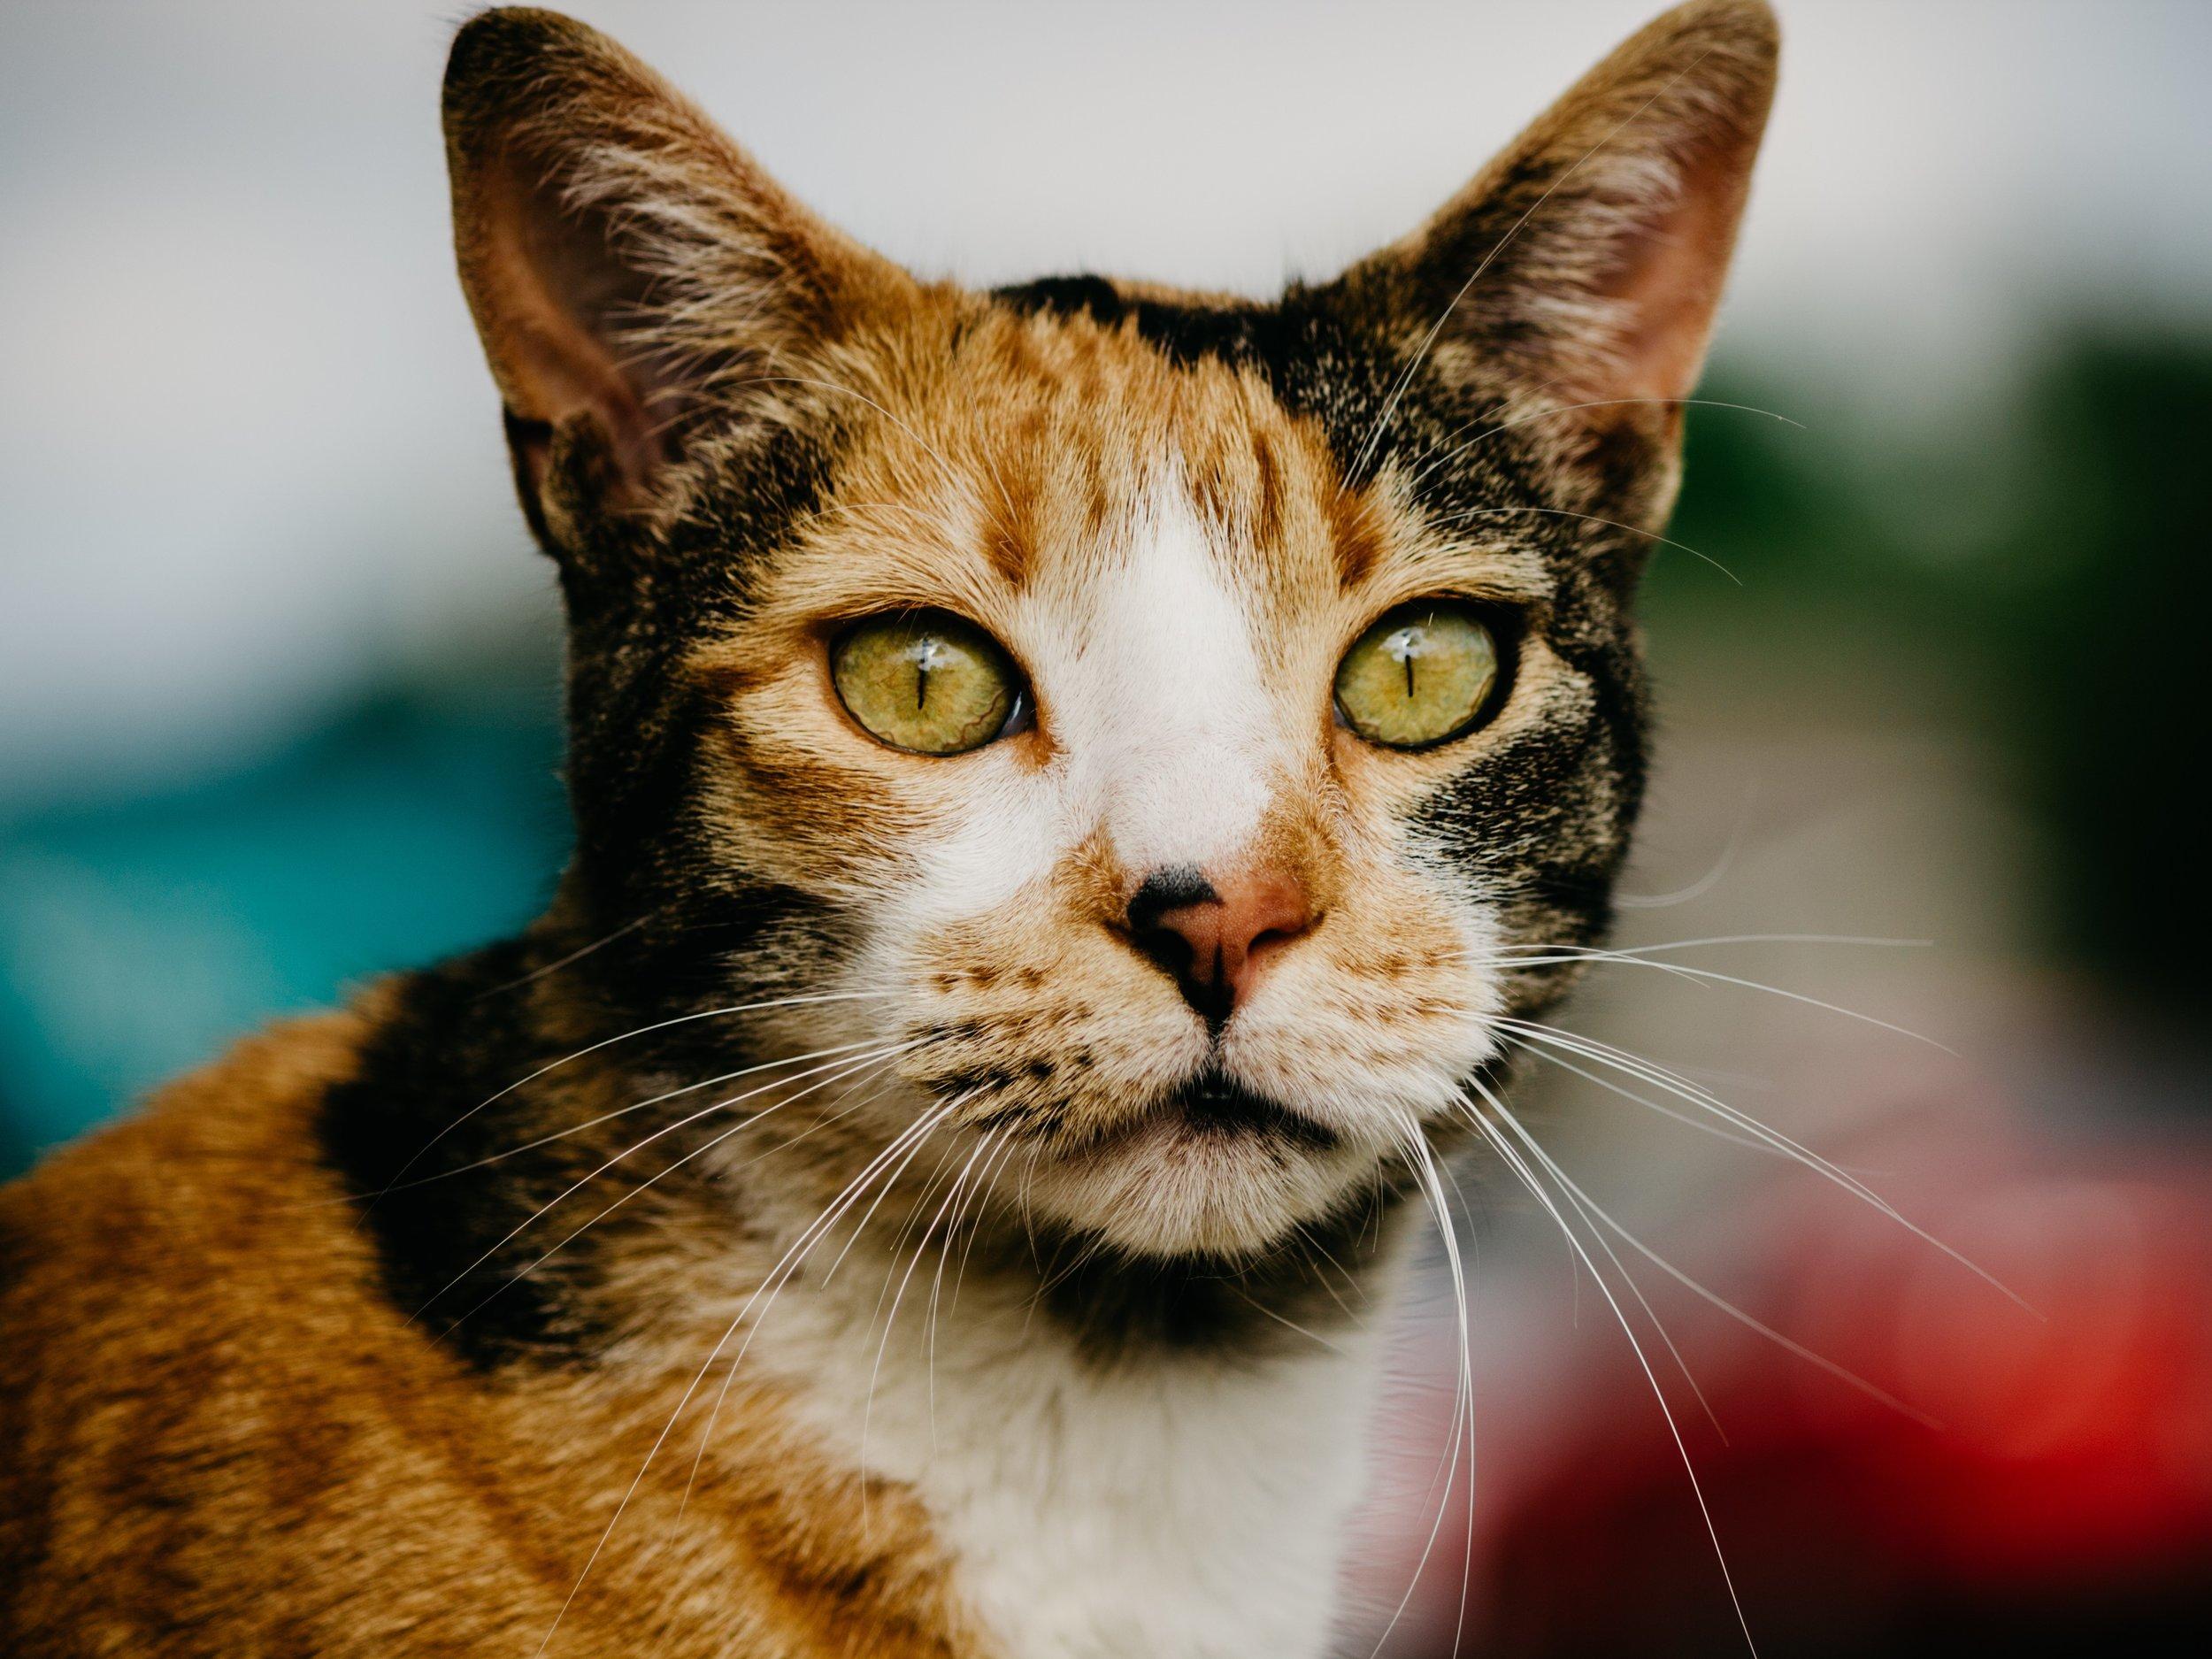 Calico cat 4x3.jpg